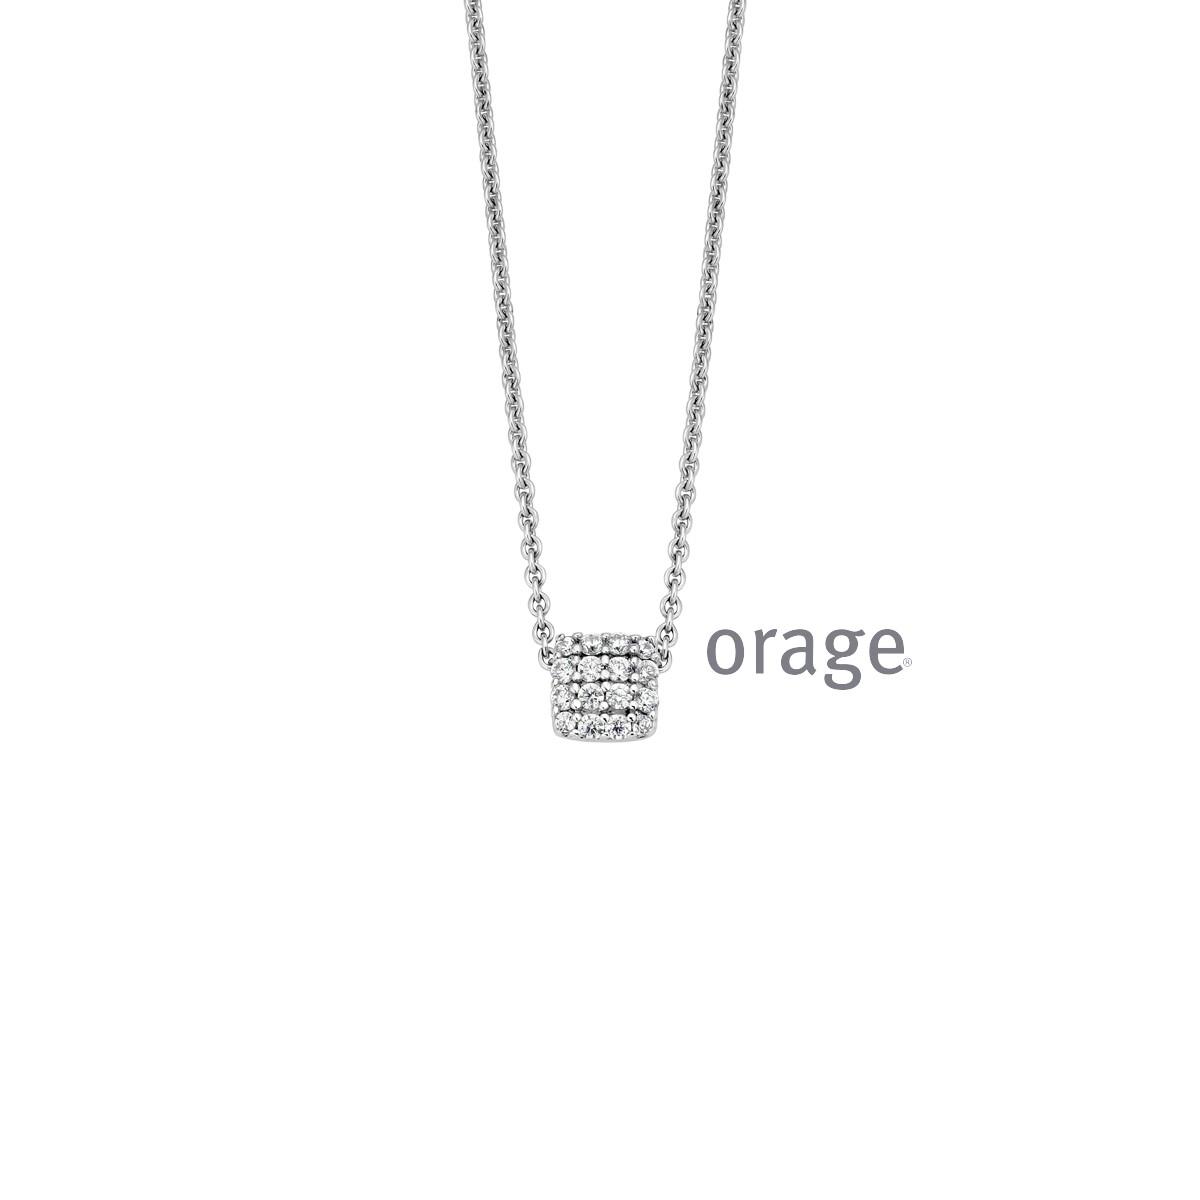 Collier Orage AR034